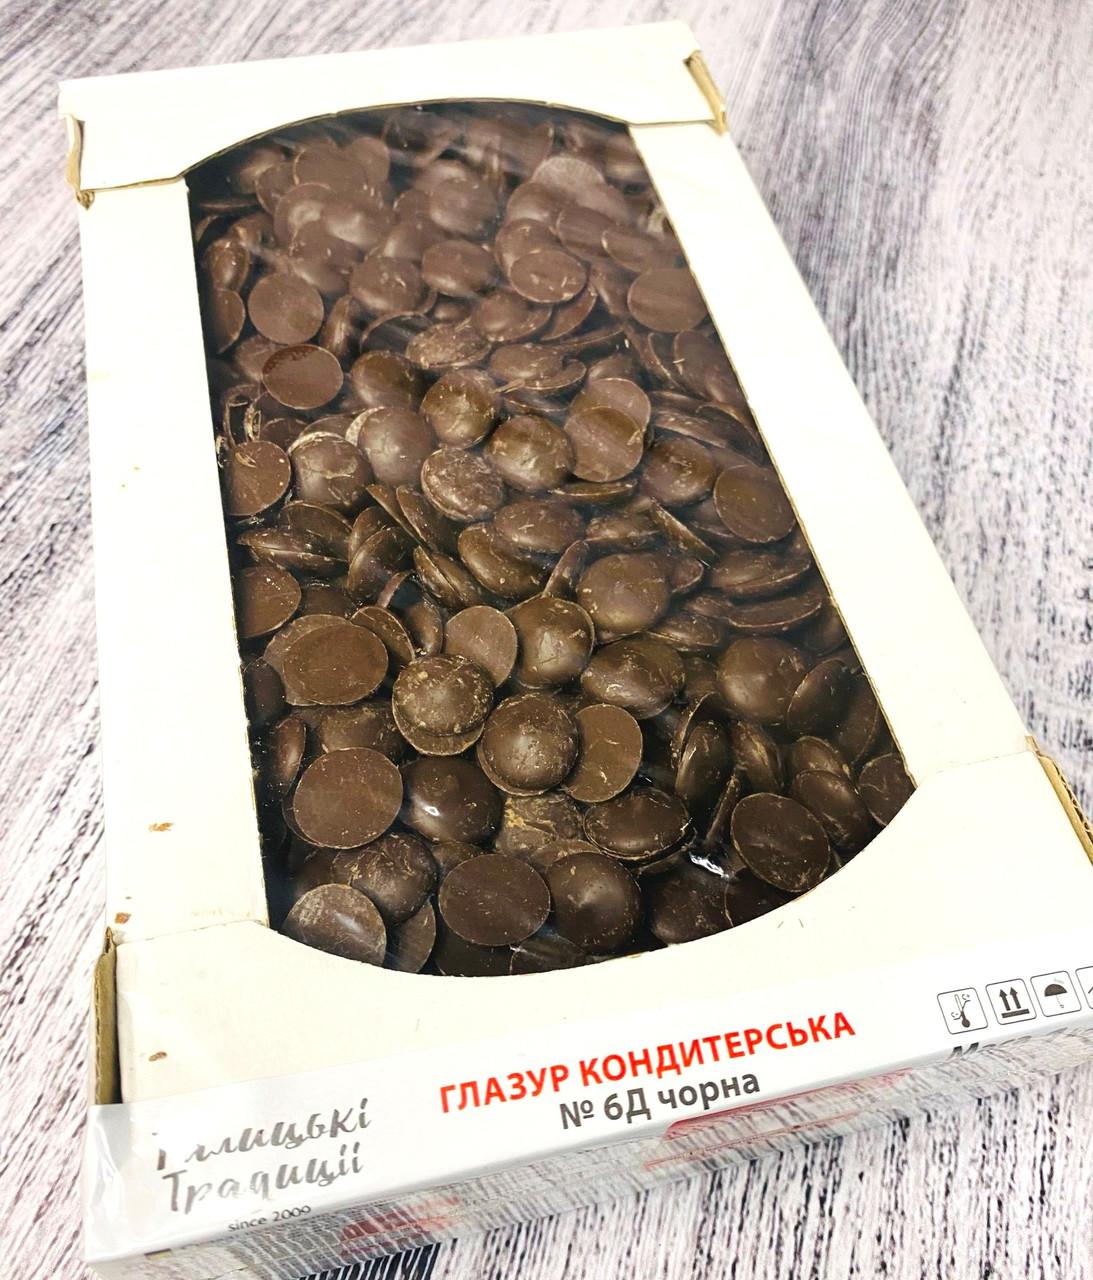 Глазурь кондитерская дропсы с черного шоколада (темные) 1 кг. ТМ Галицкие традиции